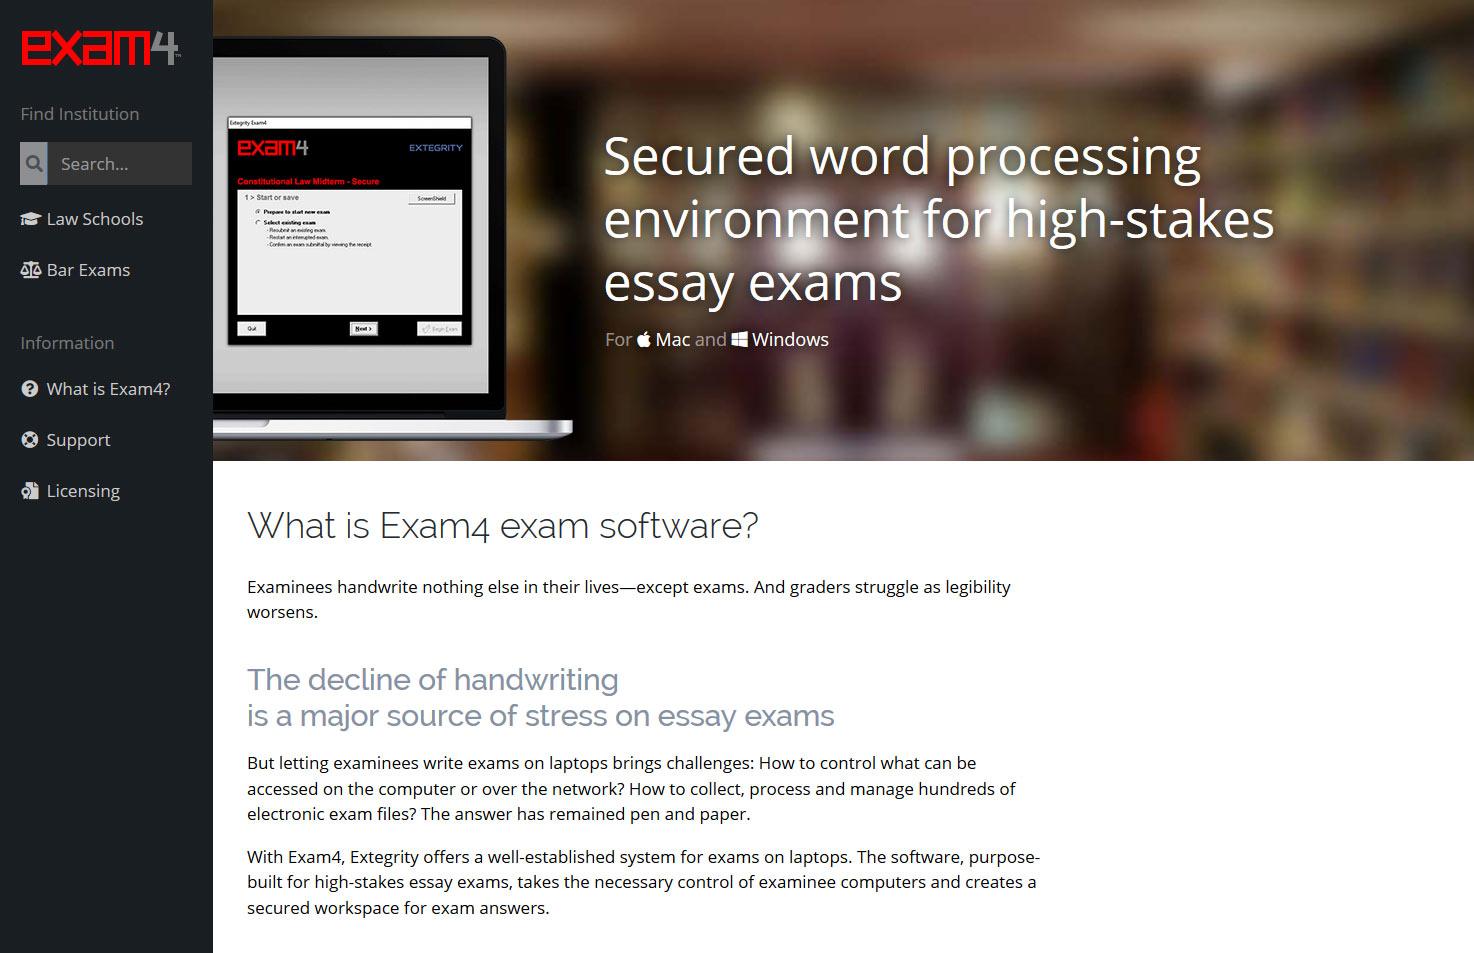 Screenshot of exam4.com